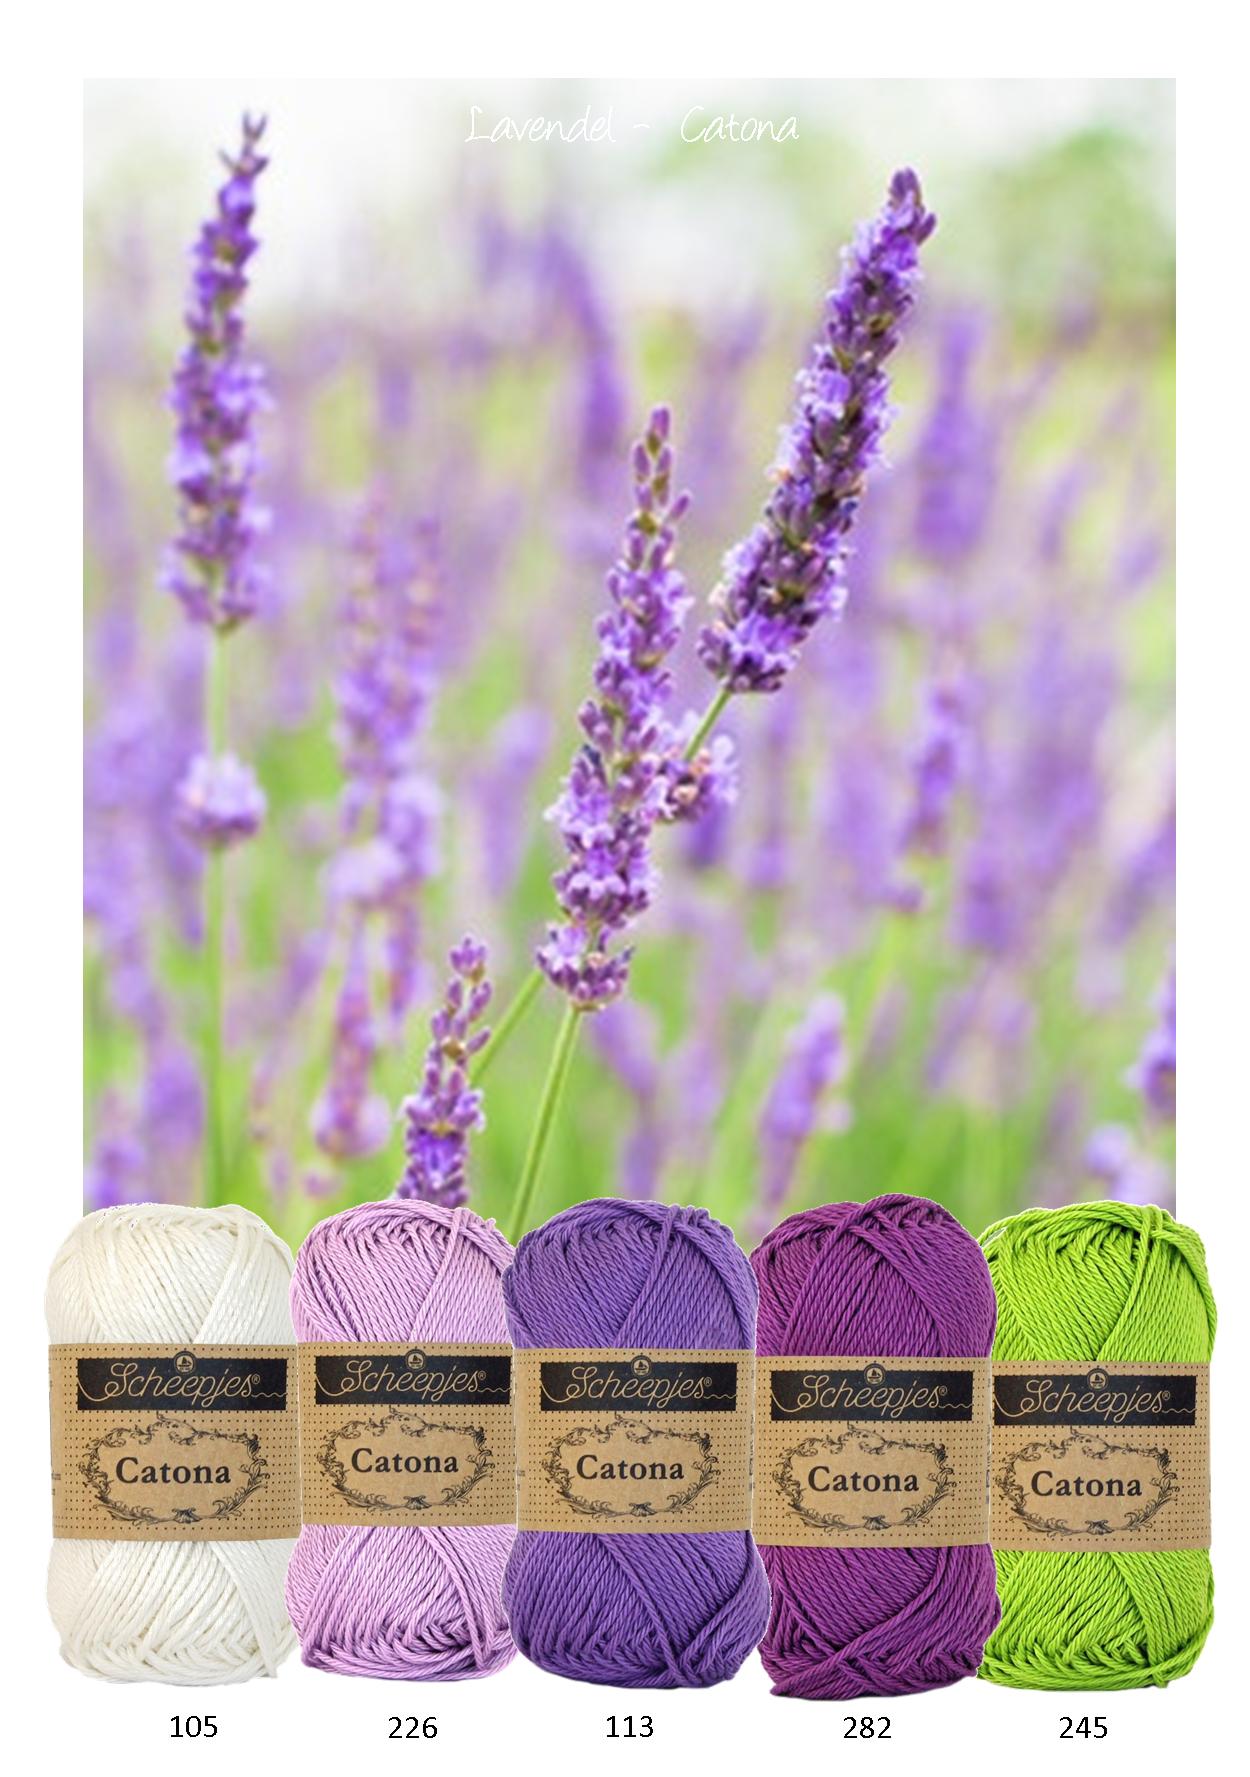 Kleurinspiratie - Lavendel. Catona van Scheepjeswol in paars tinten ...